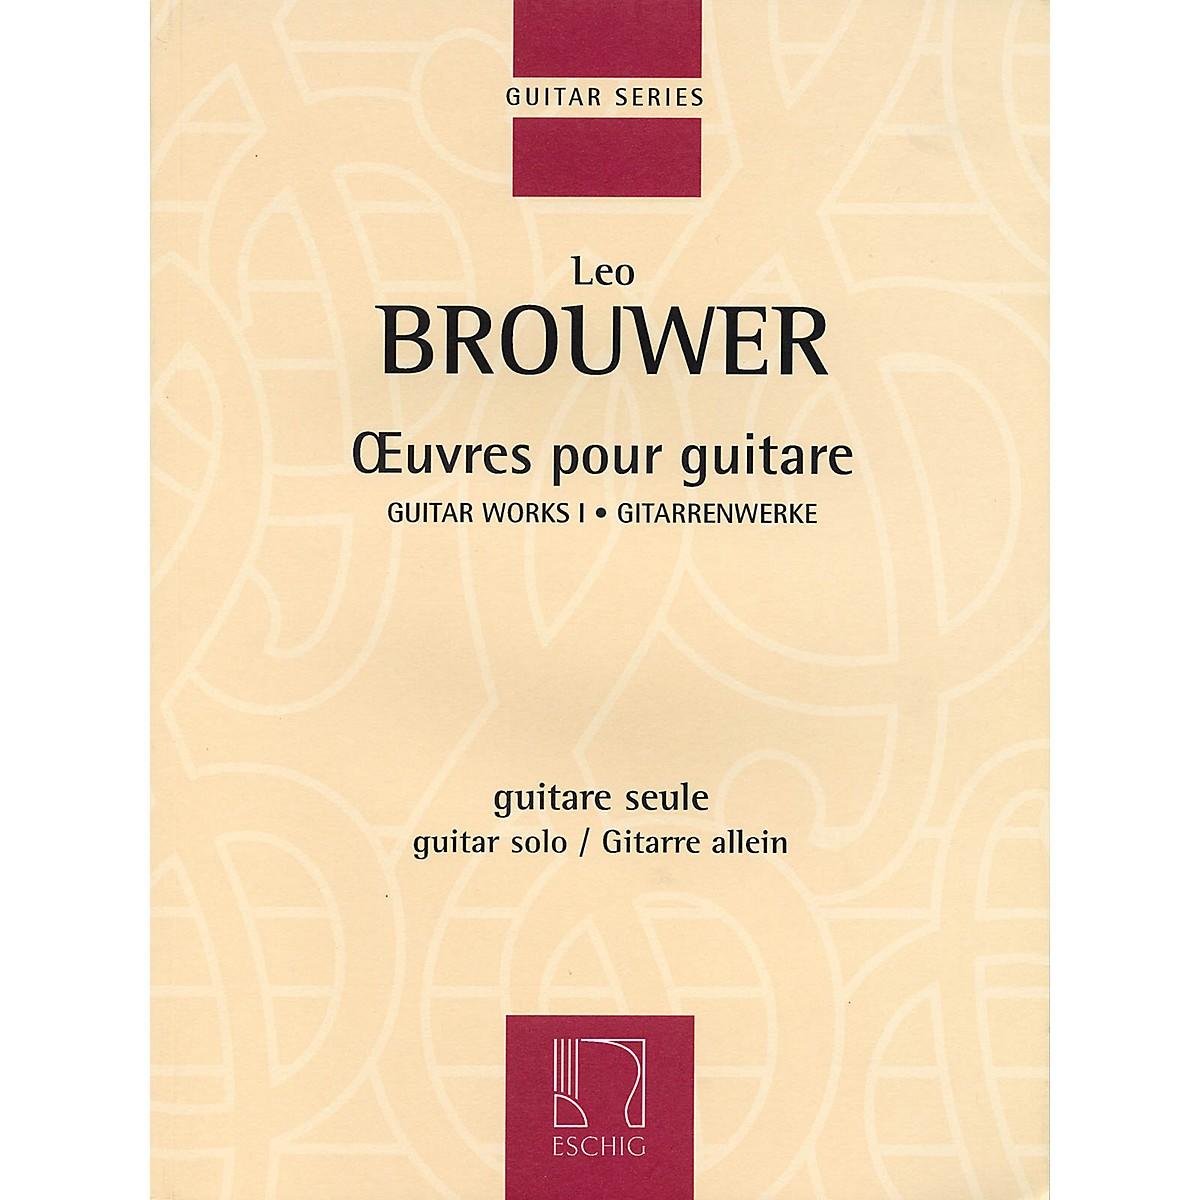 Max Eschig Guitar Works I (Guitar Solo) Editions Durand Series Softcover